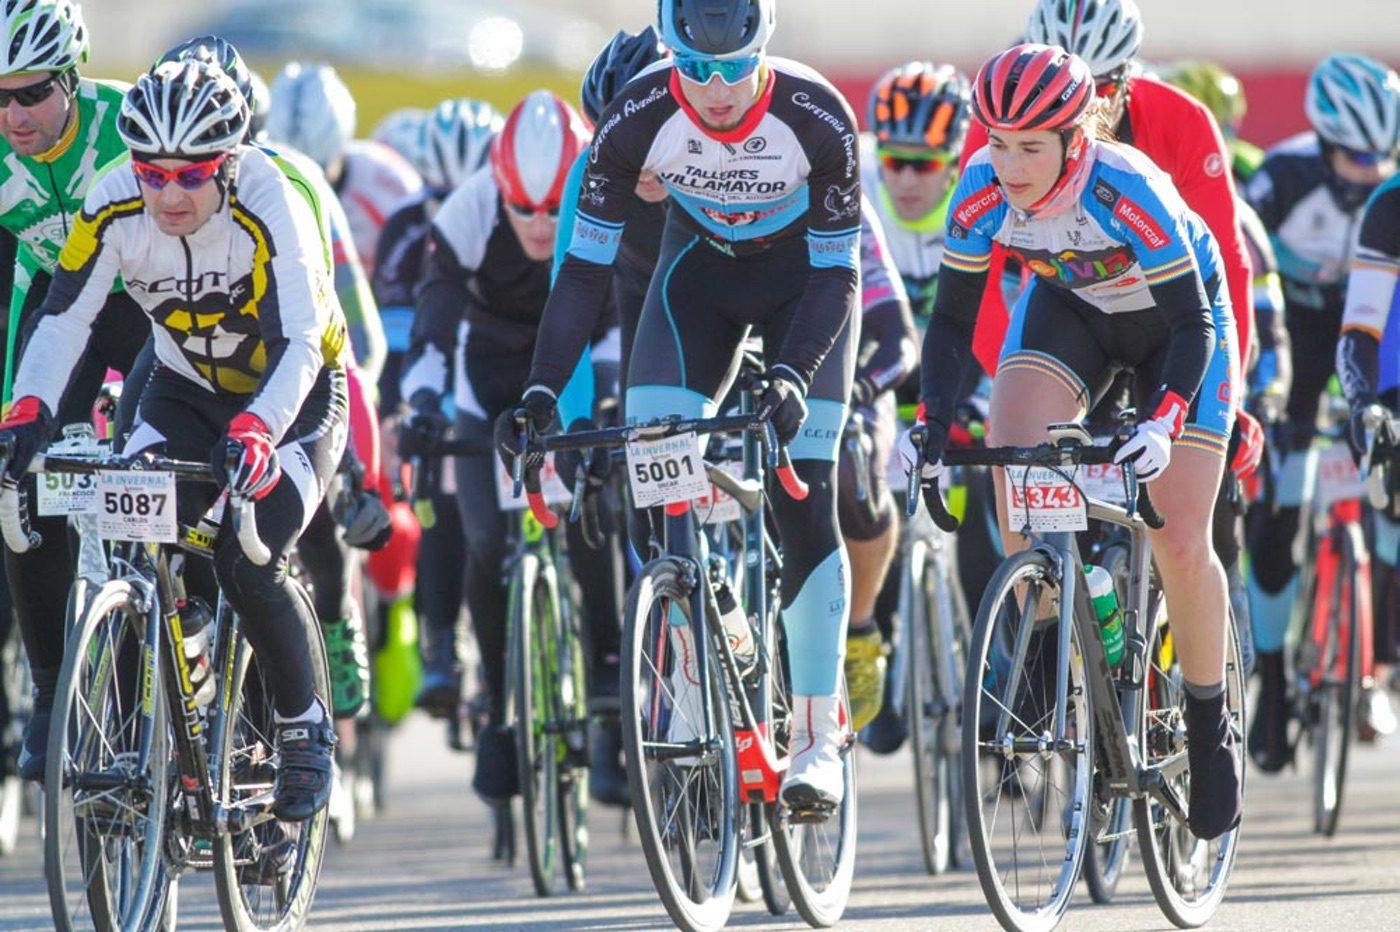 Prueba de ciclismo de carretera Motorland Aragón